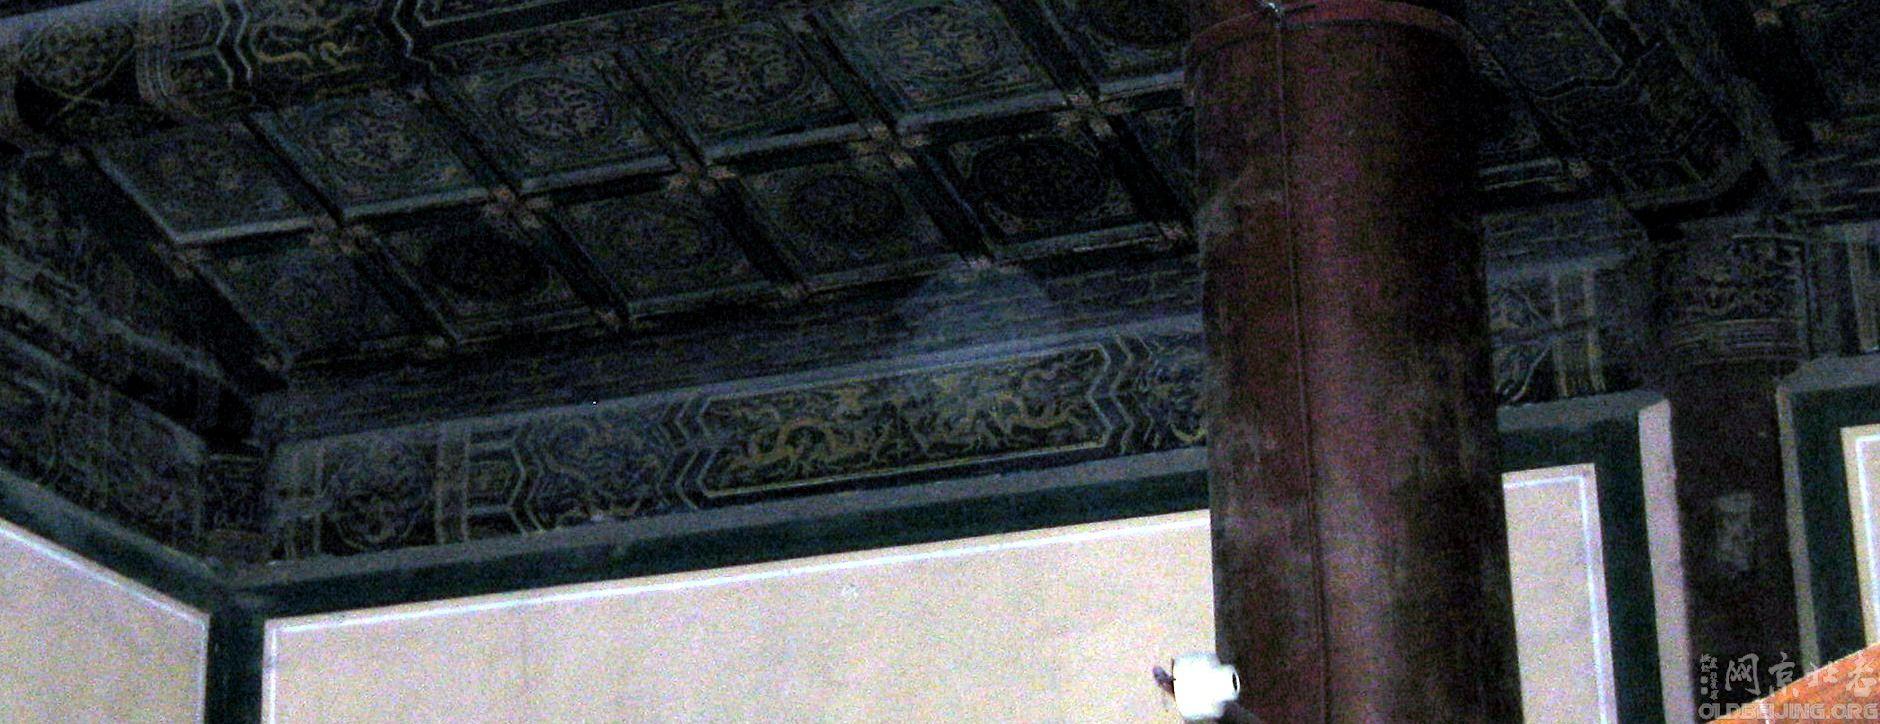 [贴图]金刚宝座塔-老照片考证区-服务器里的北京-老